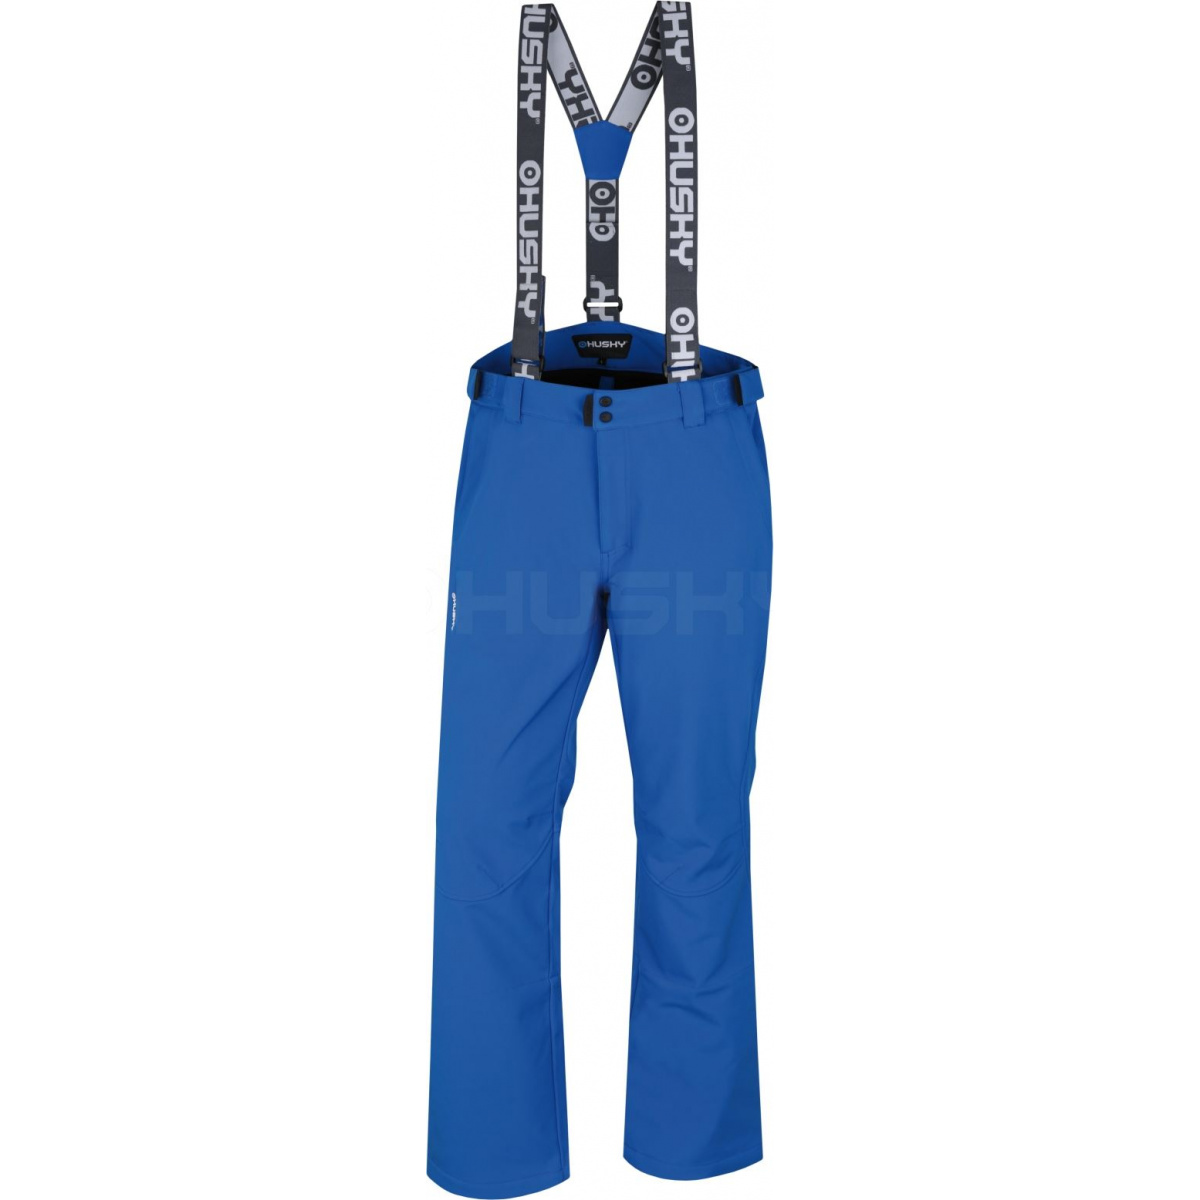 4048b2073509 Pánské lyžařské kalhoty - Galti M – modrá